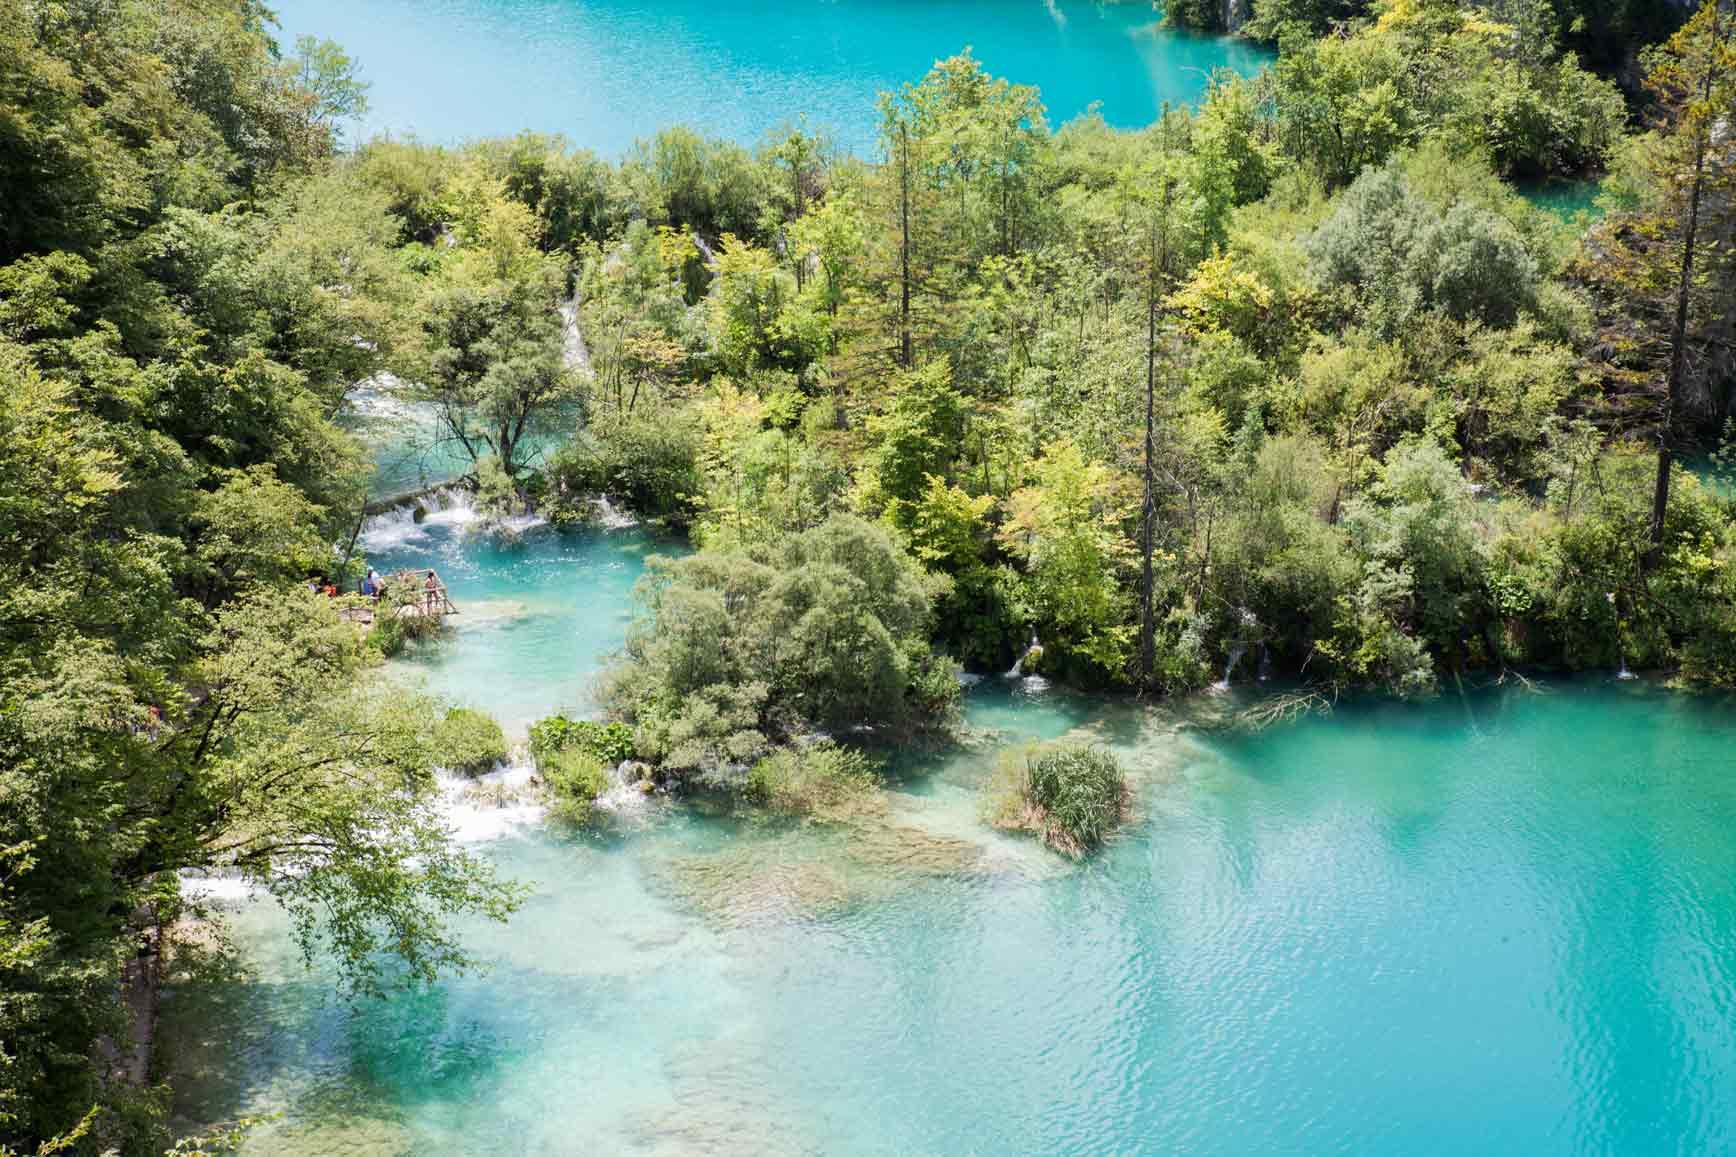 lagos-de-plitvice_claraBmartin_19